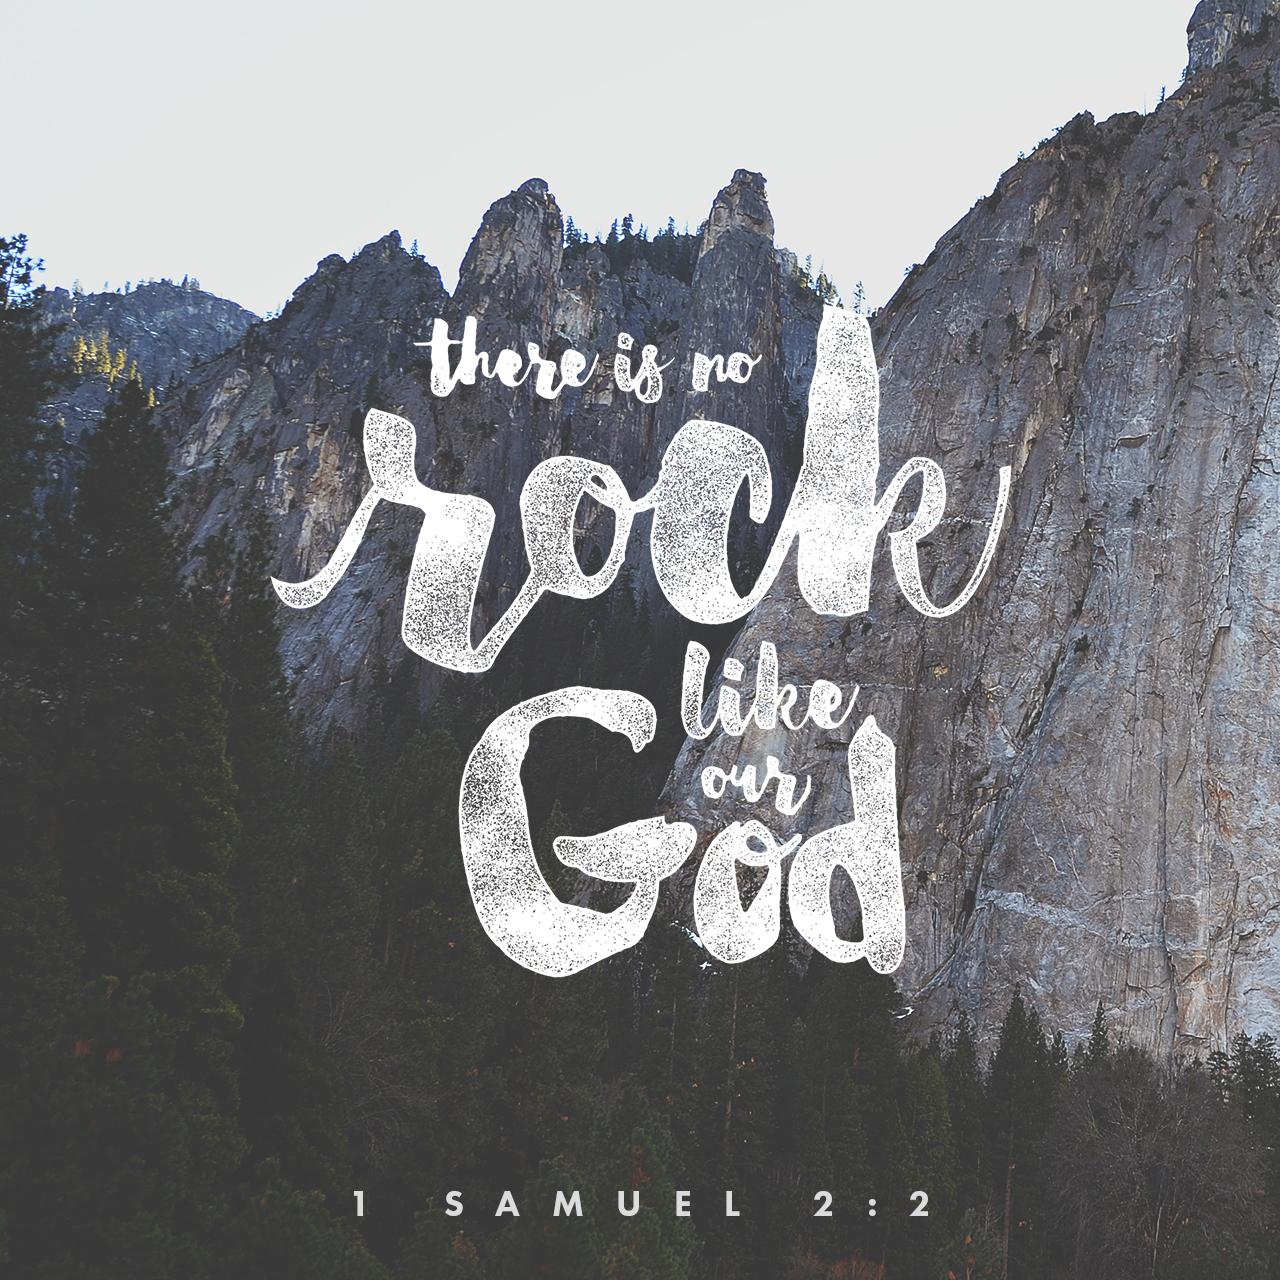 1 Samuel 2:2 (JPG)